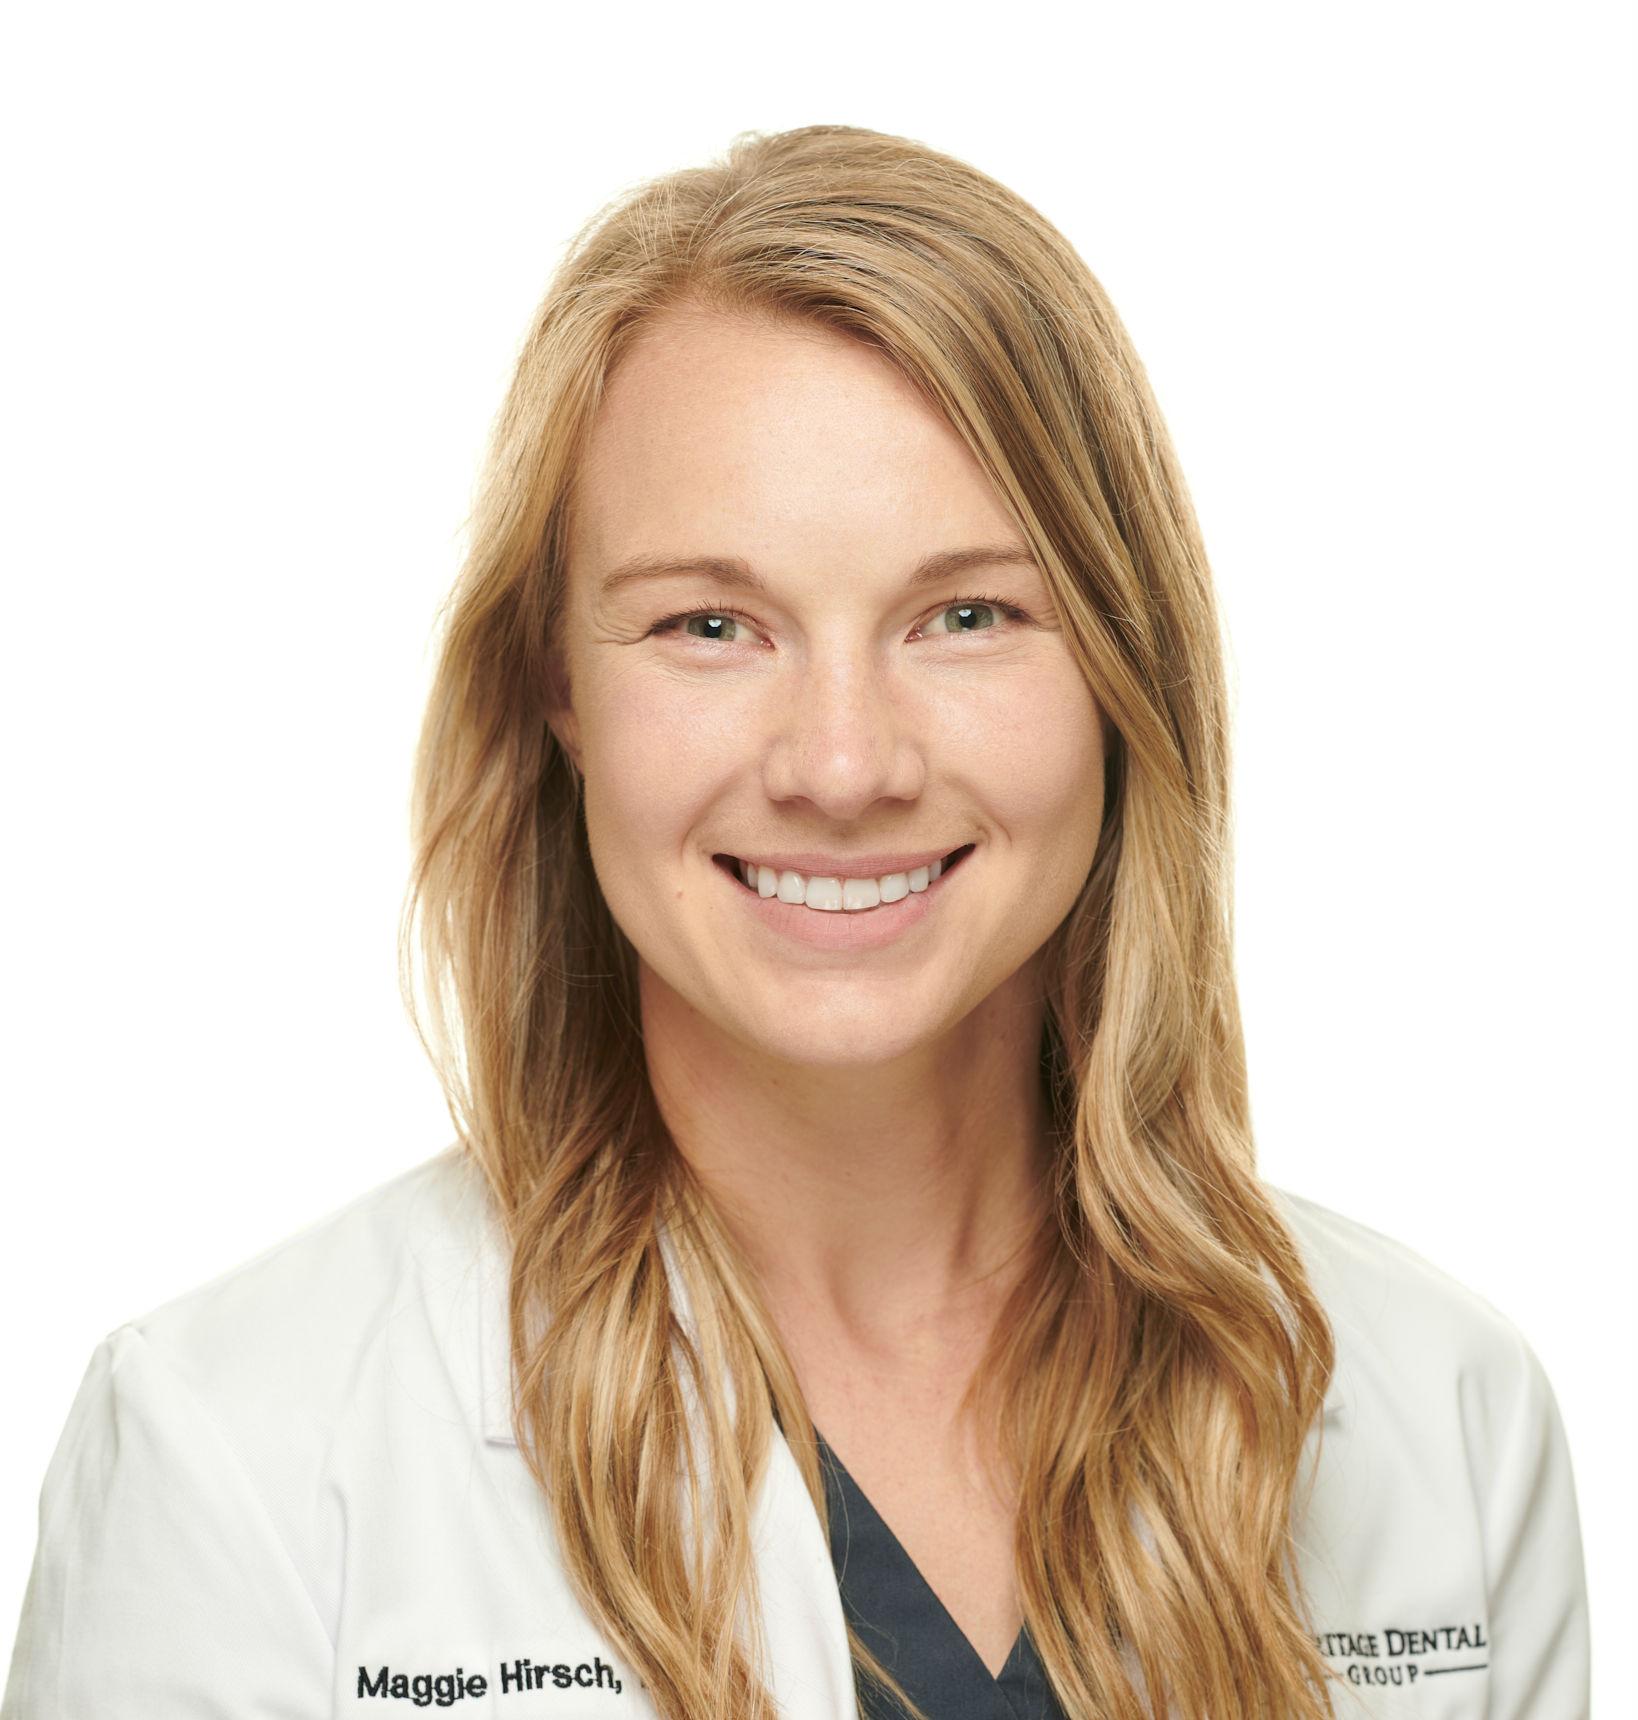 Dr. Margaret Hirsch